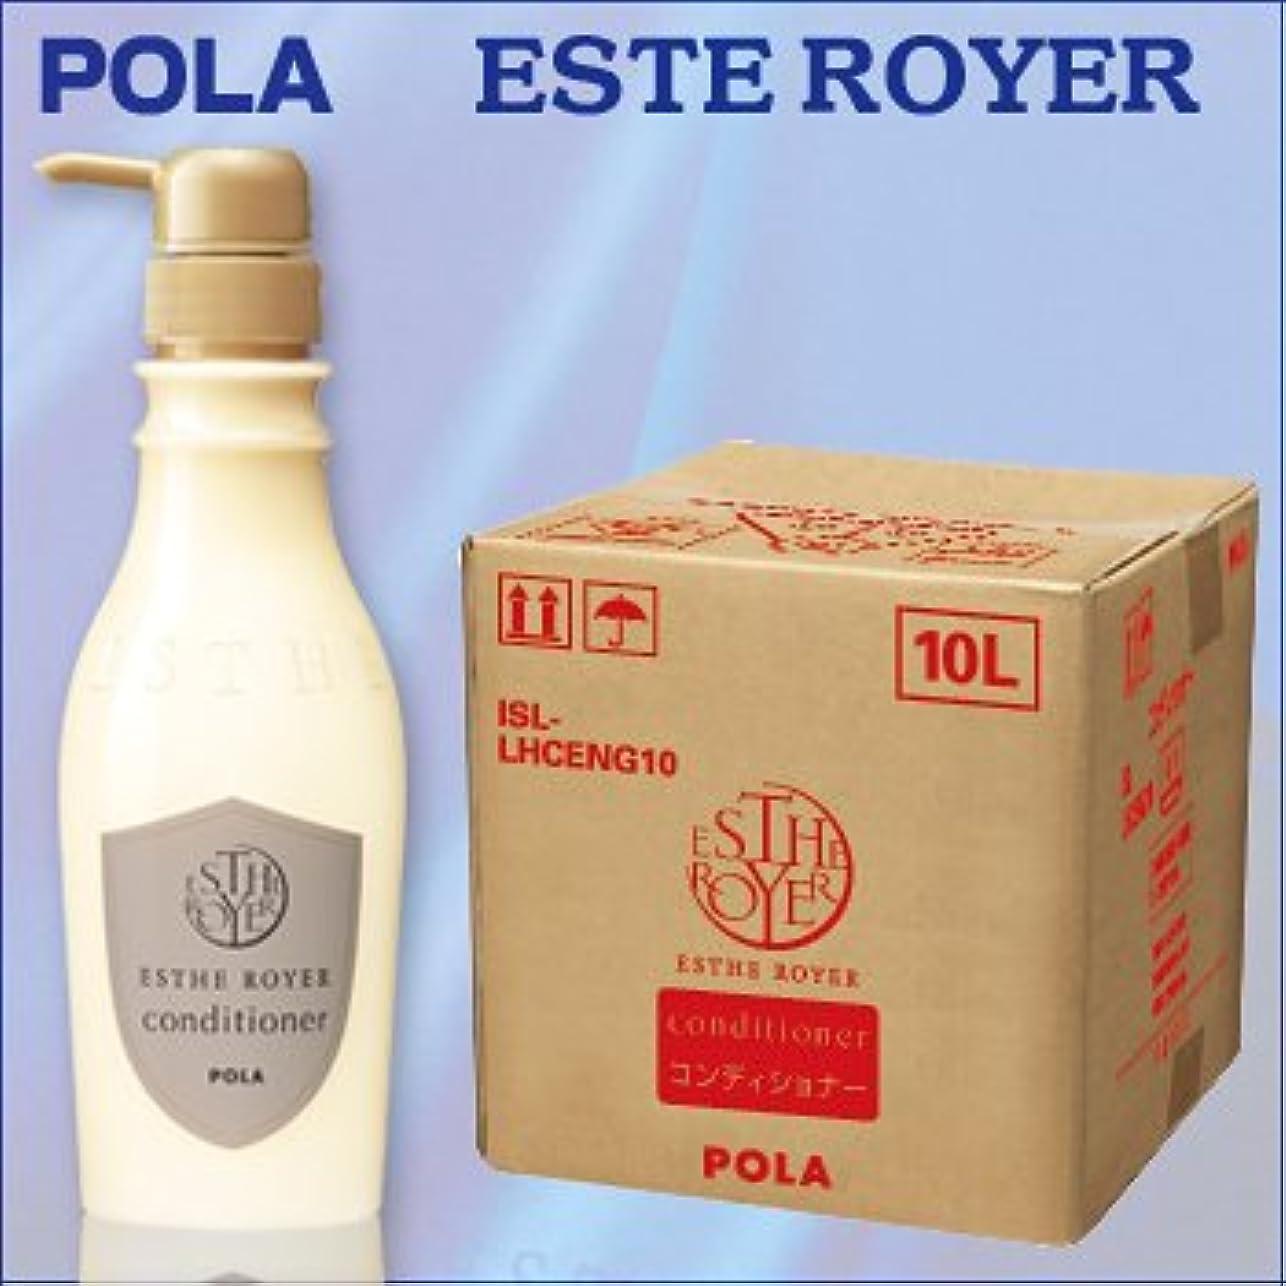 午後広告主宣言するPOLAエステロワイエ 業務用コンディショナー 10L (1セット10L入)